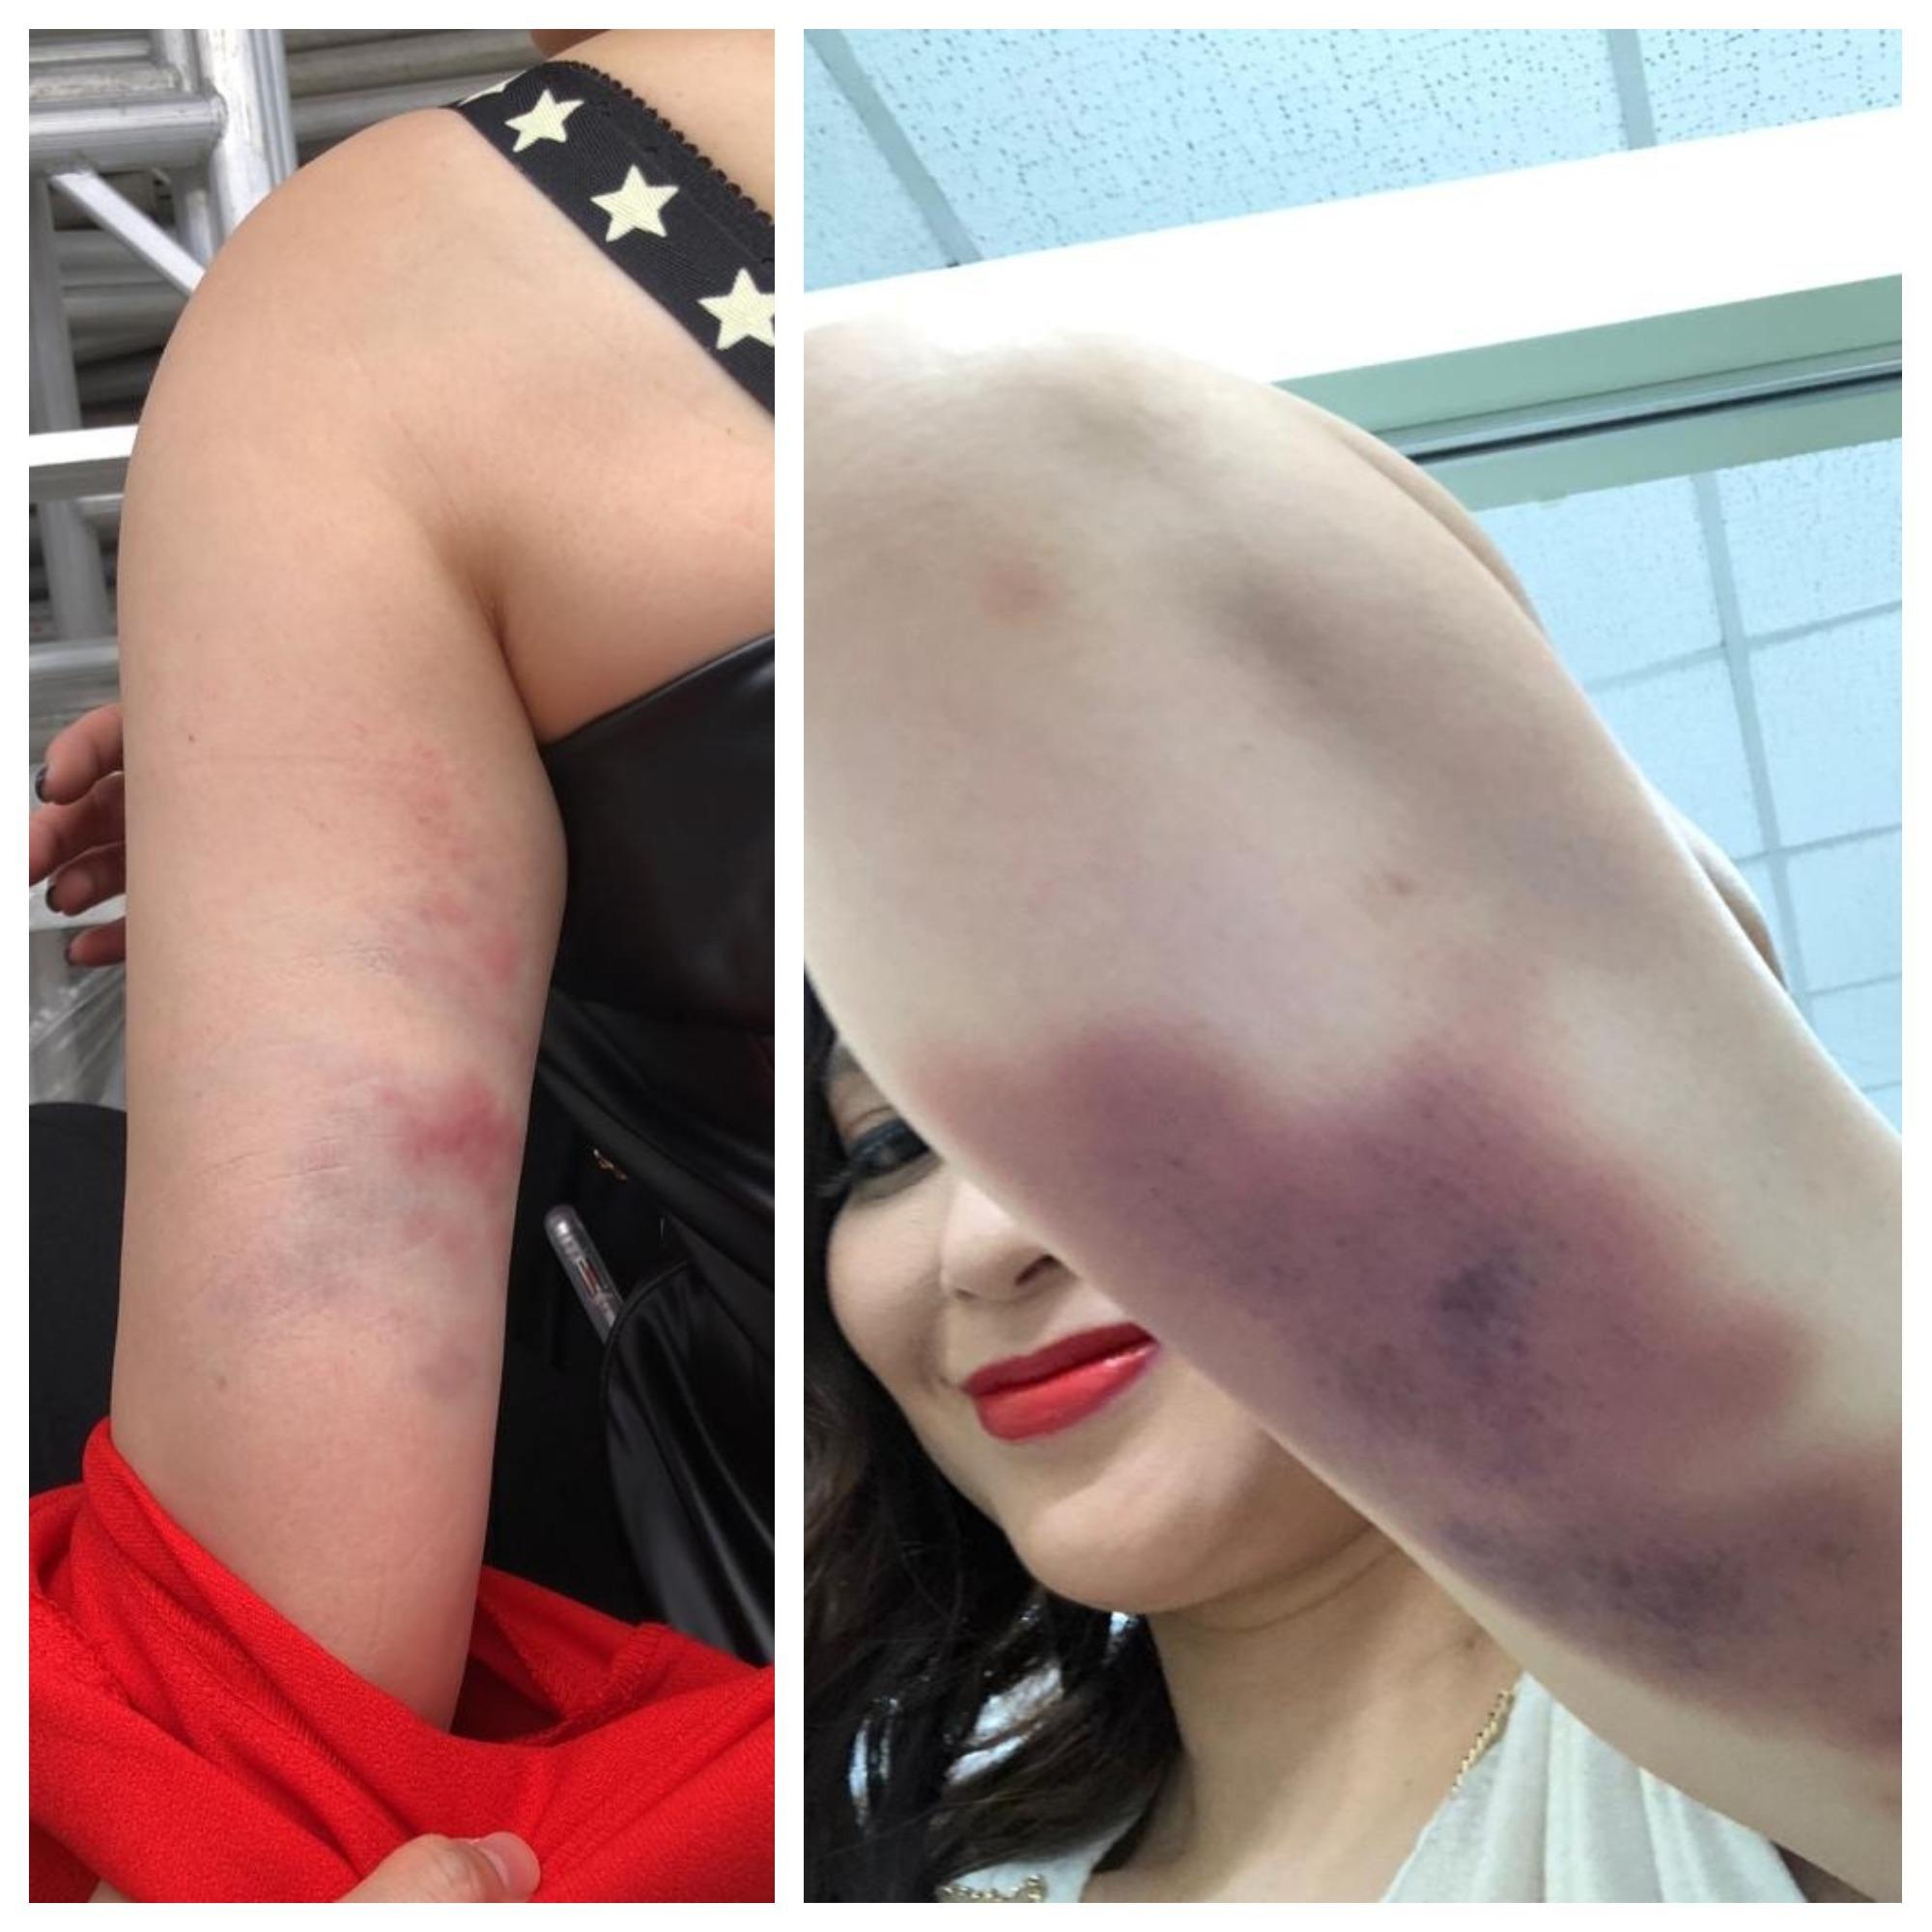 樊亦敏亦不好受,手臂被威也繩弄瘀了一大遍。